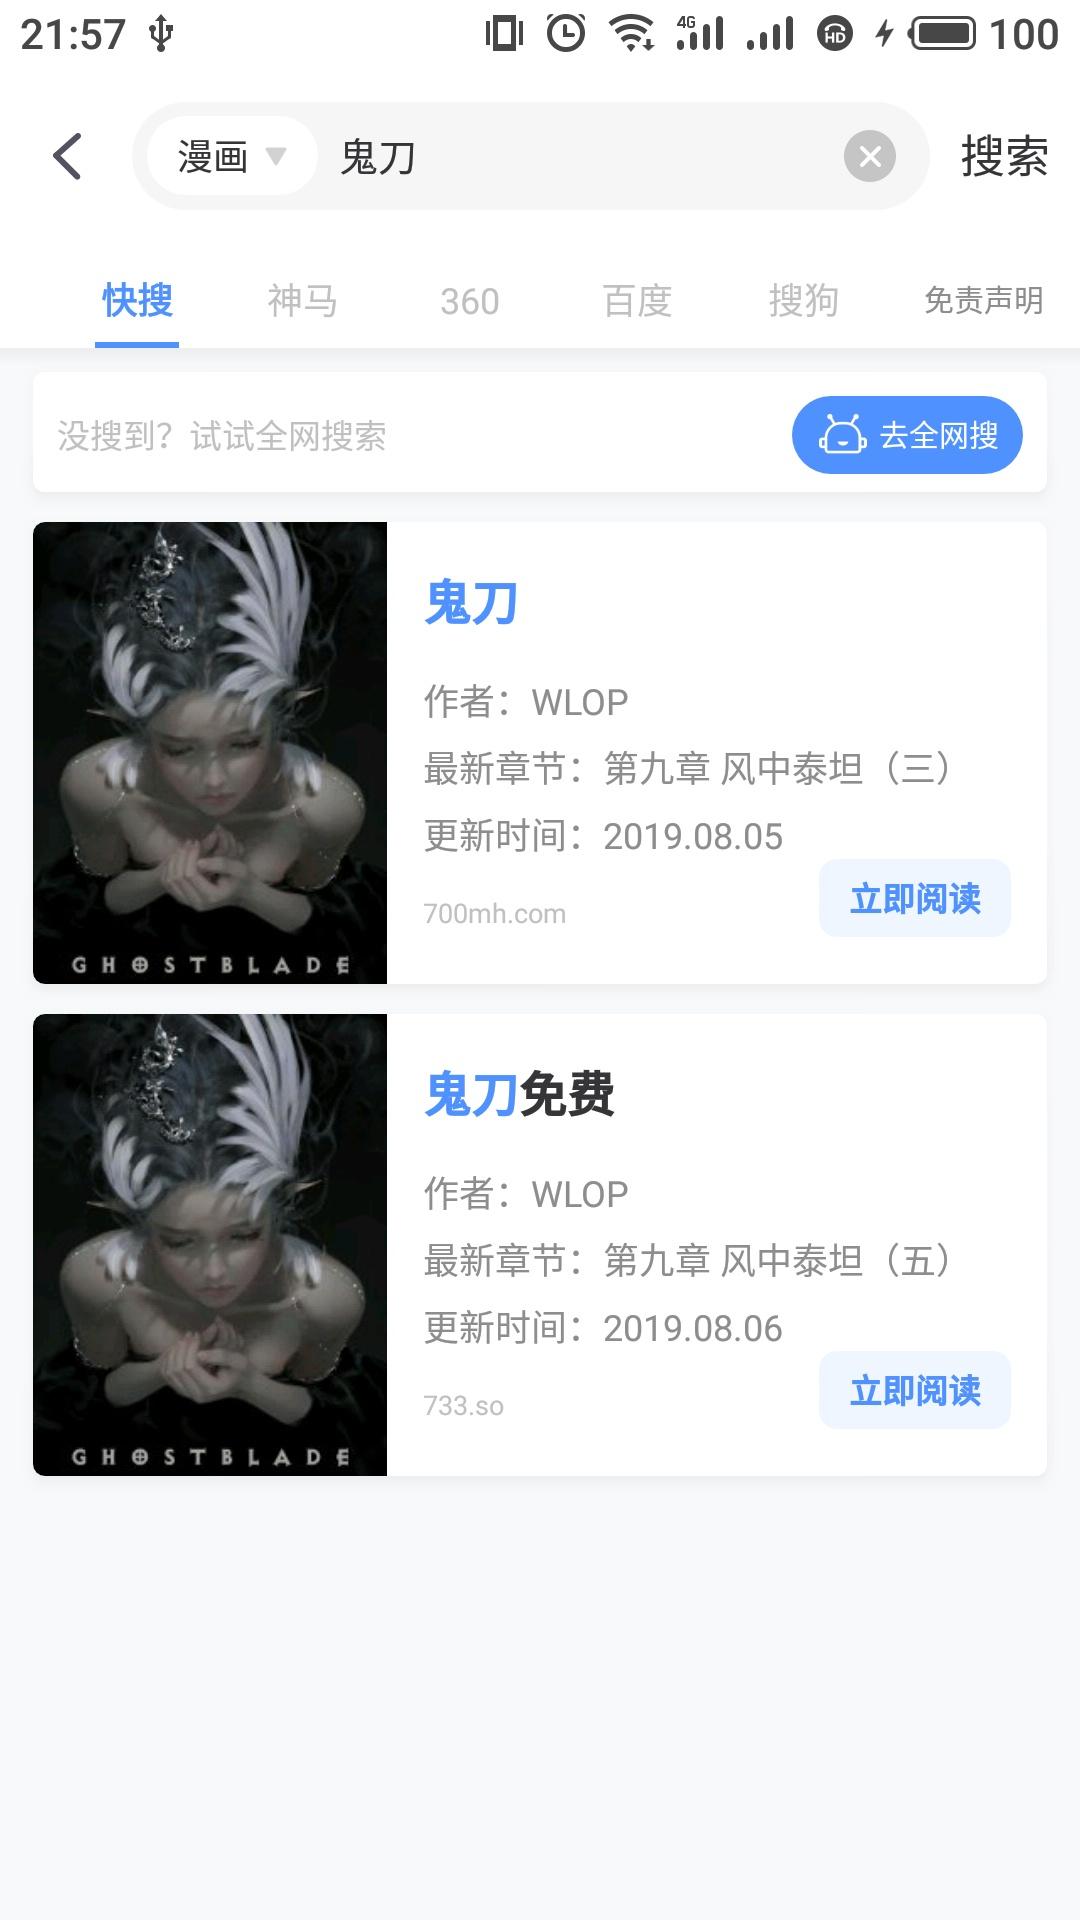 【安利】免费看小说/漫画/影视的app